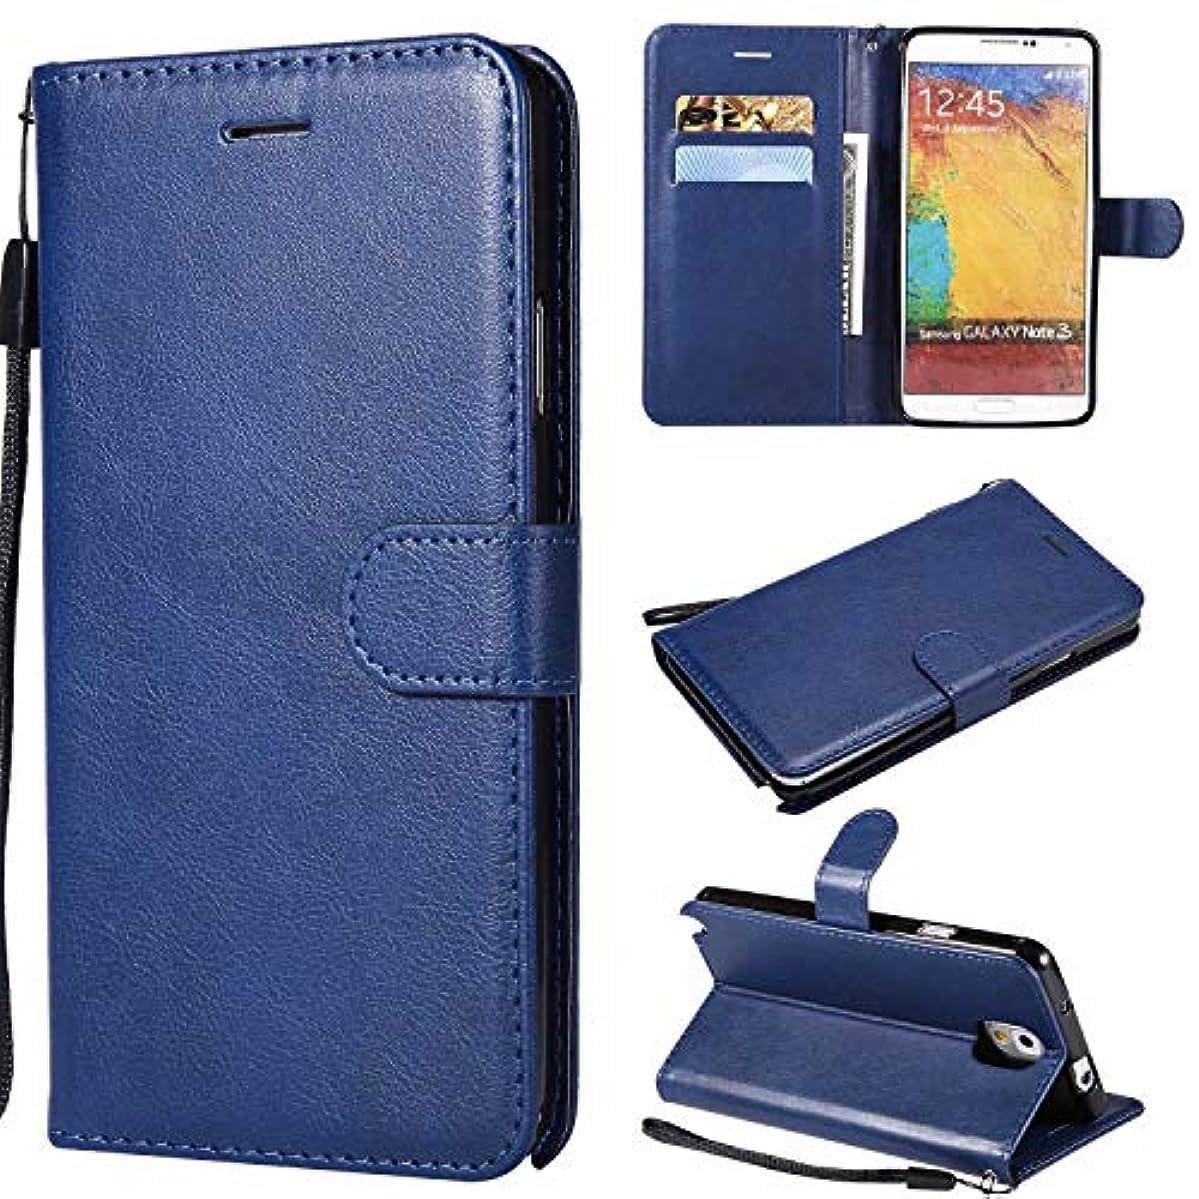 不完全な市民権失望させるGalaxy Note 3 ケース手帳型 OMATENTI レザー 革 薄型 手帳型カバー カード入れ スタンド機能 サムスン Galaxy Note 3 おしゃれ 手帳ケース (6-ブルー)